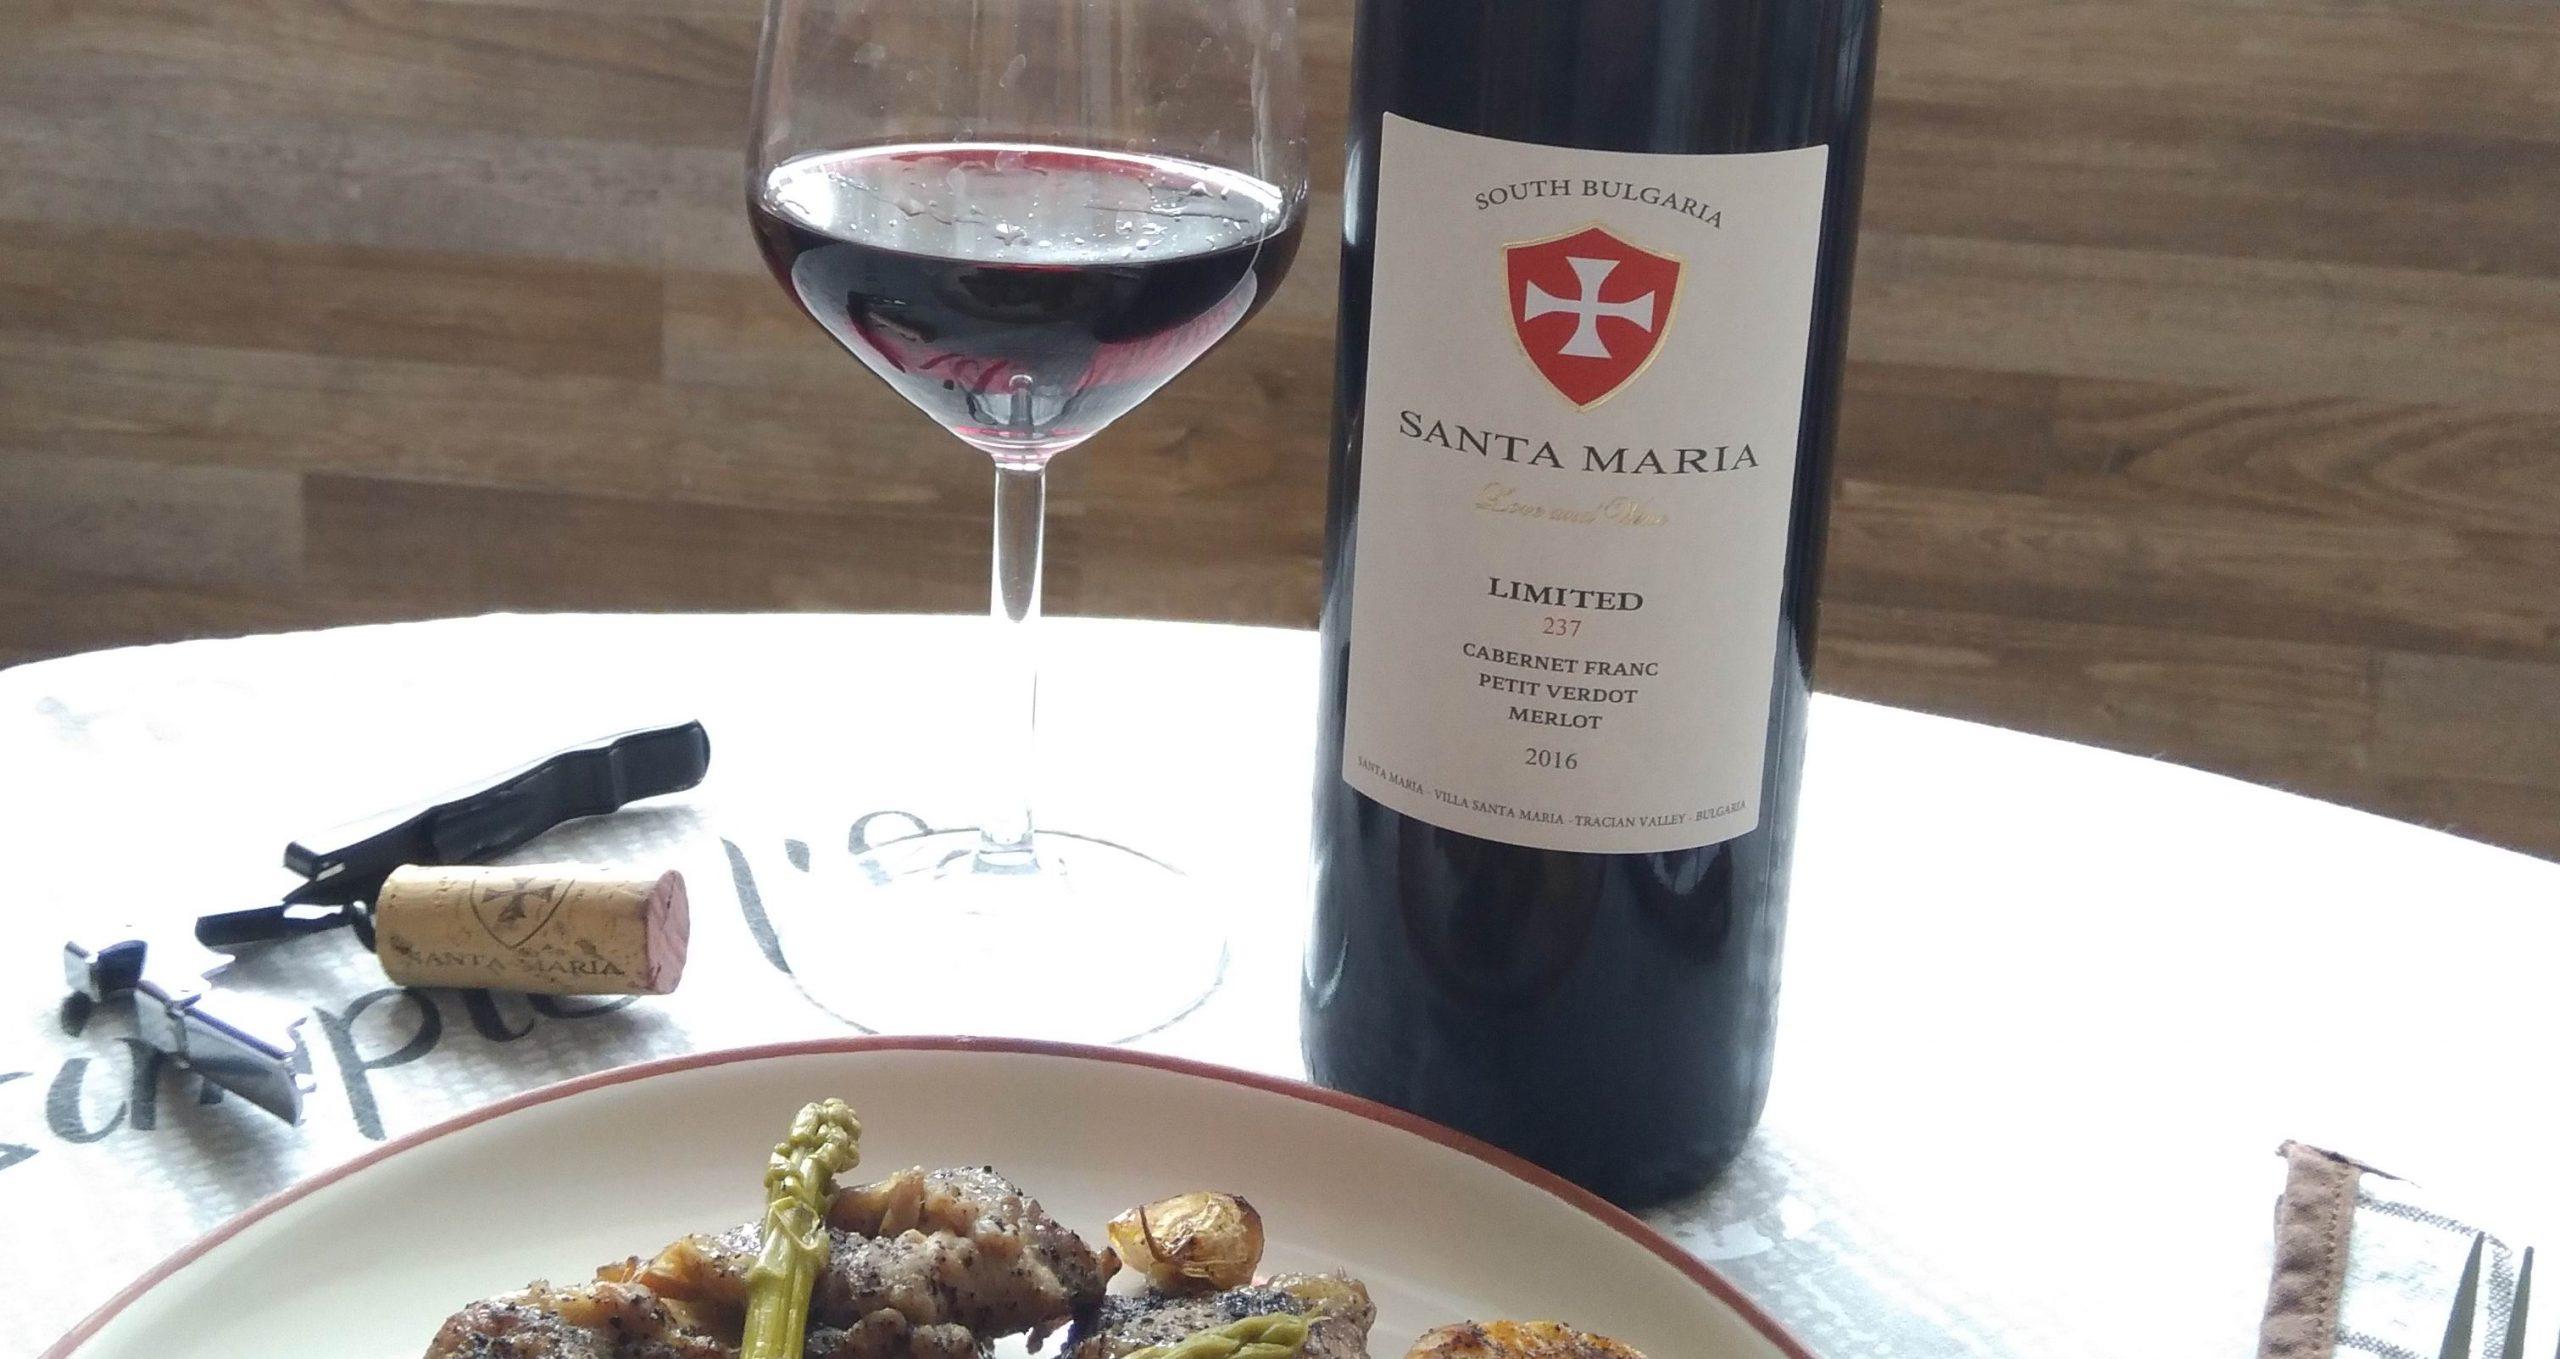 Santa Maria Limited 2016